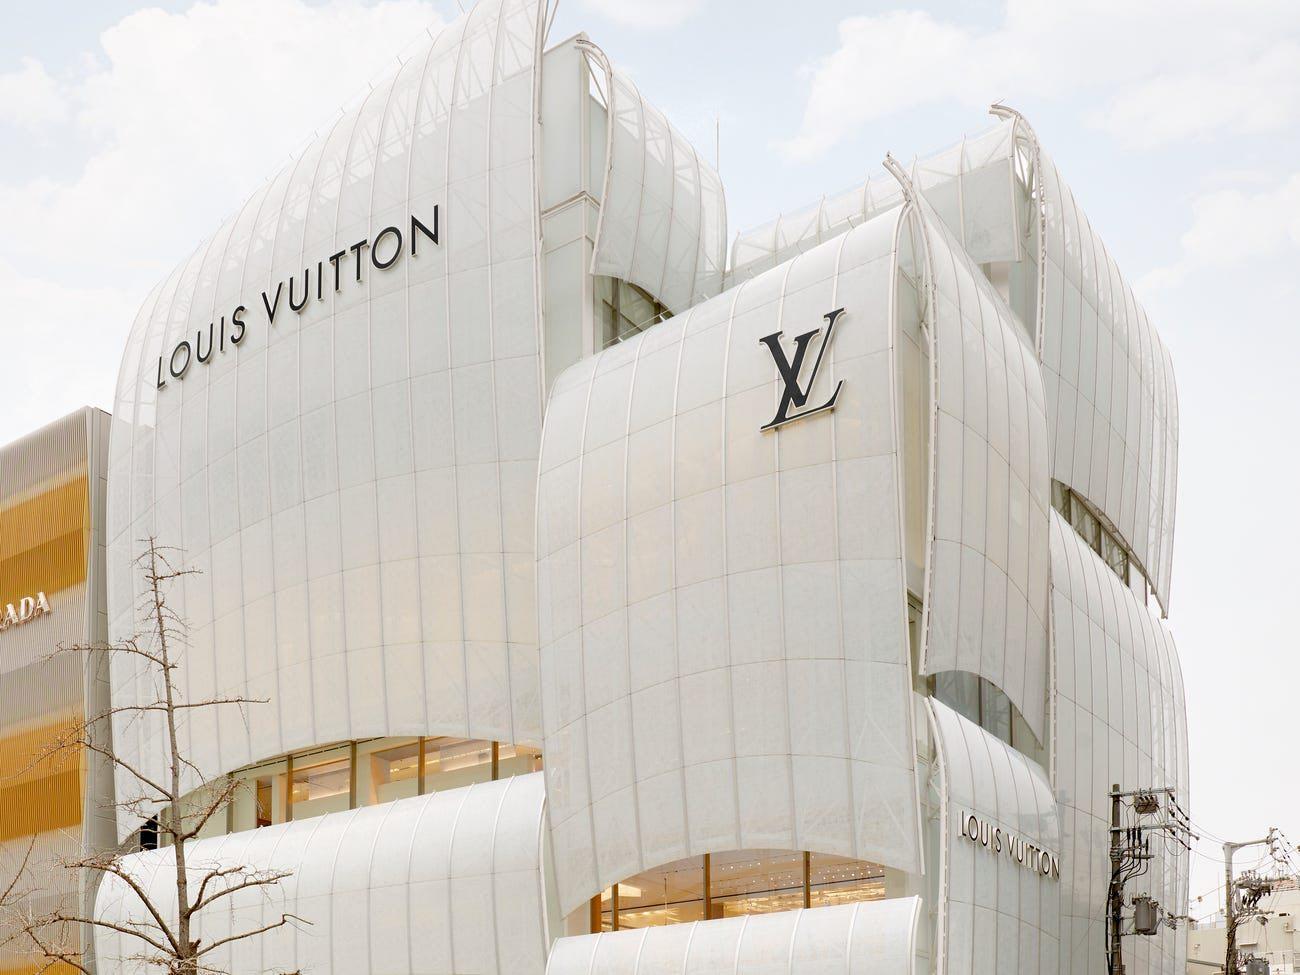 El primer restaurante Louis Vuitton abre en Osaka, Japón